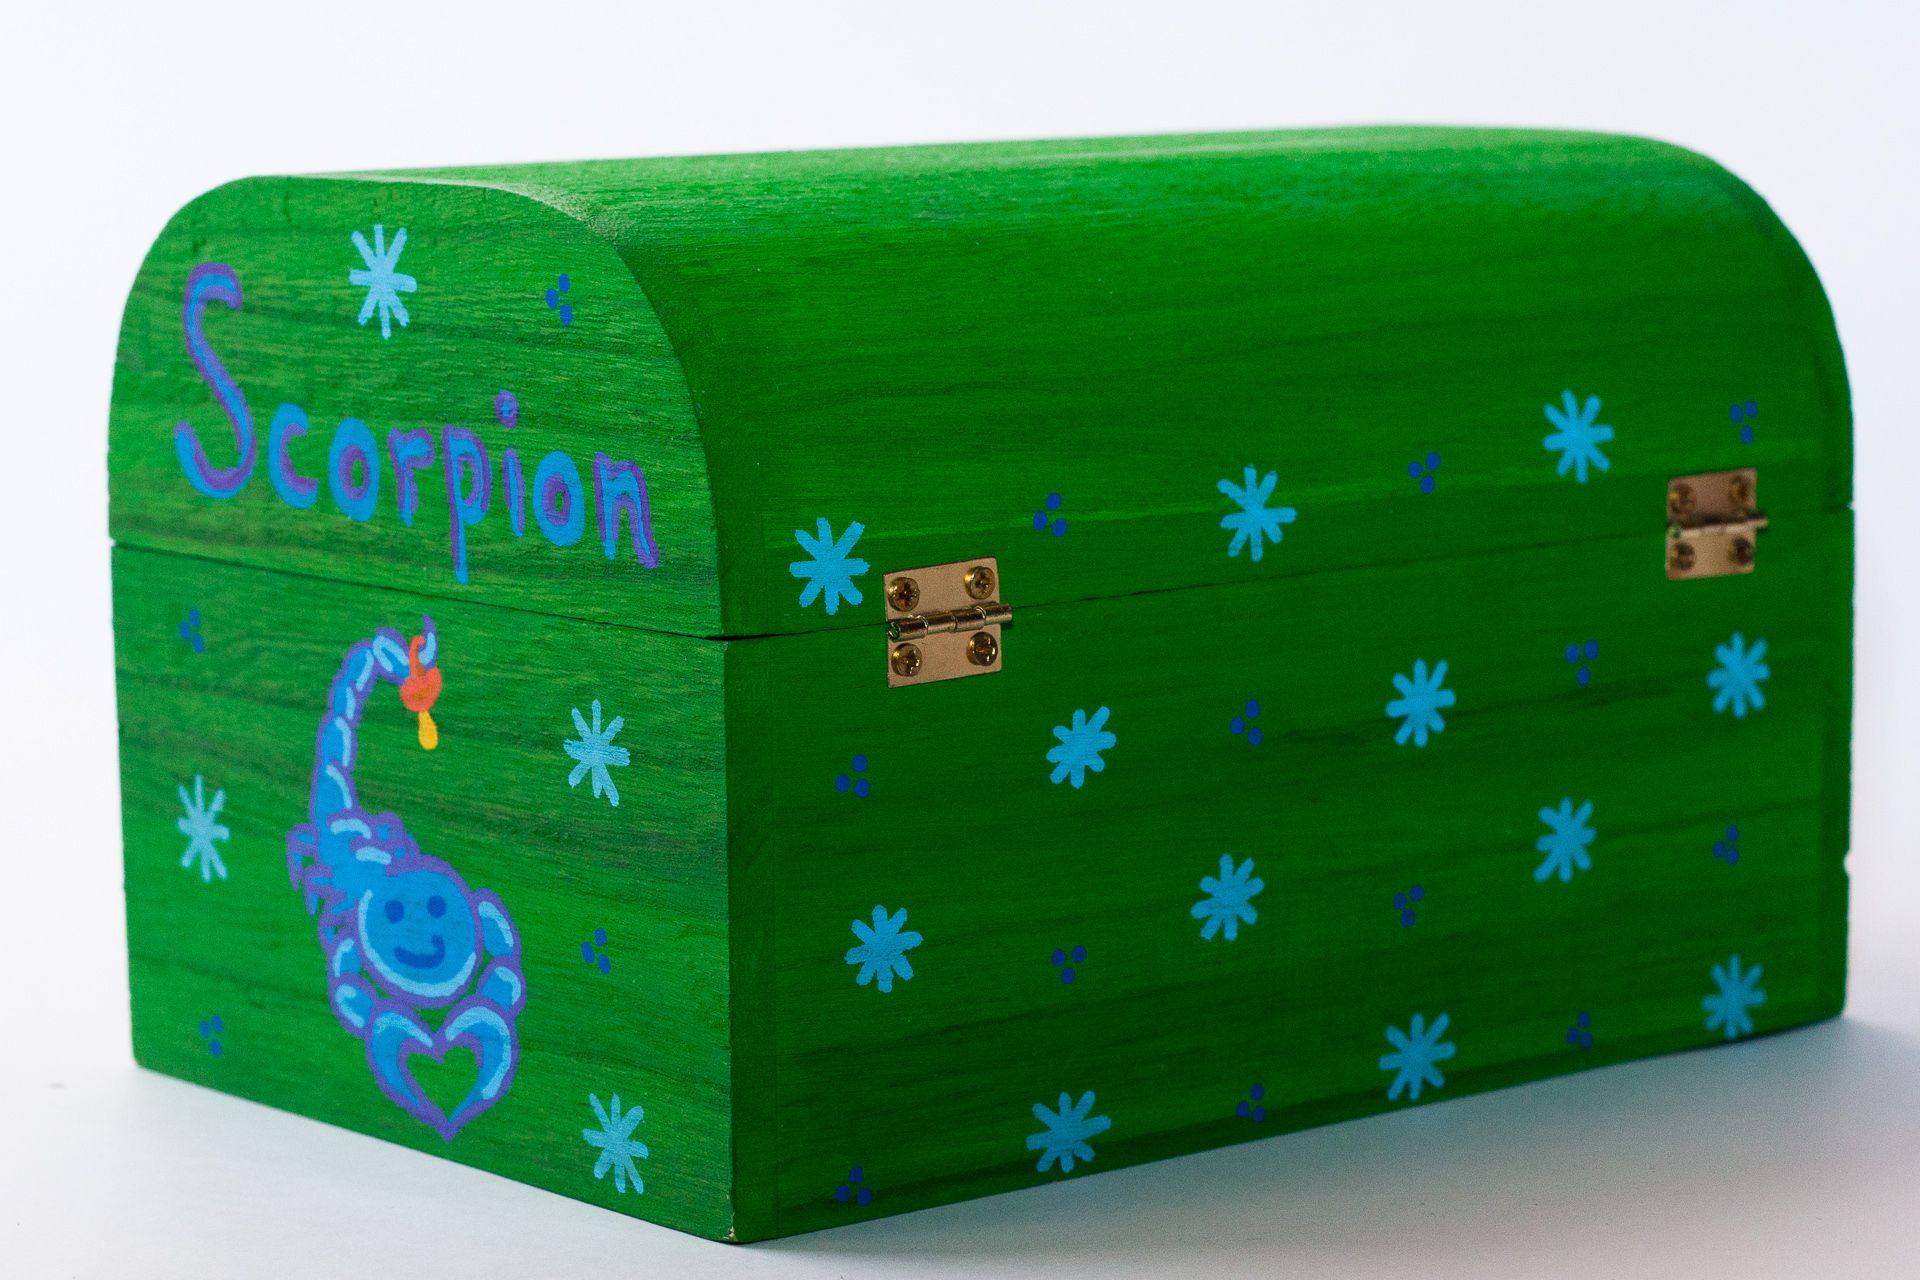 Coffret vert pomme Thierry, décoration et signe astrologique scorpion